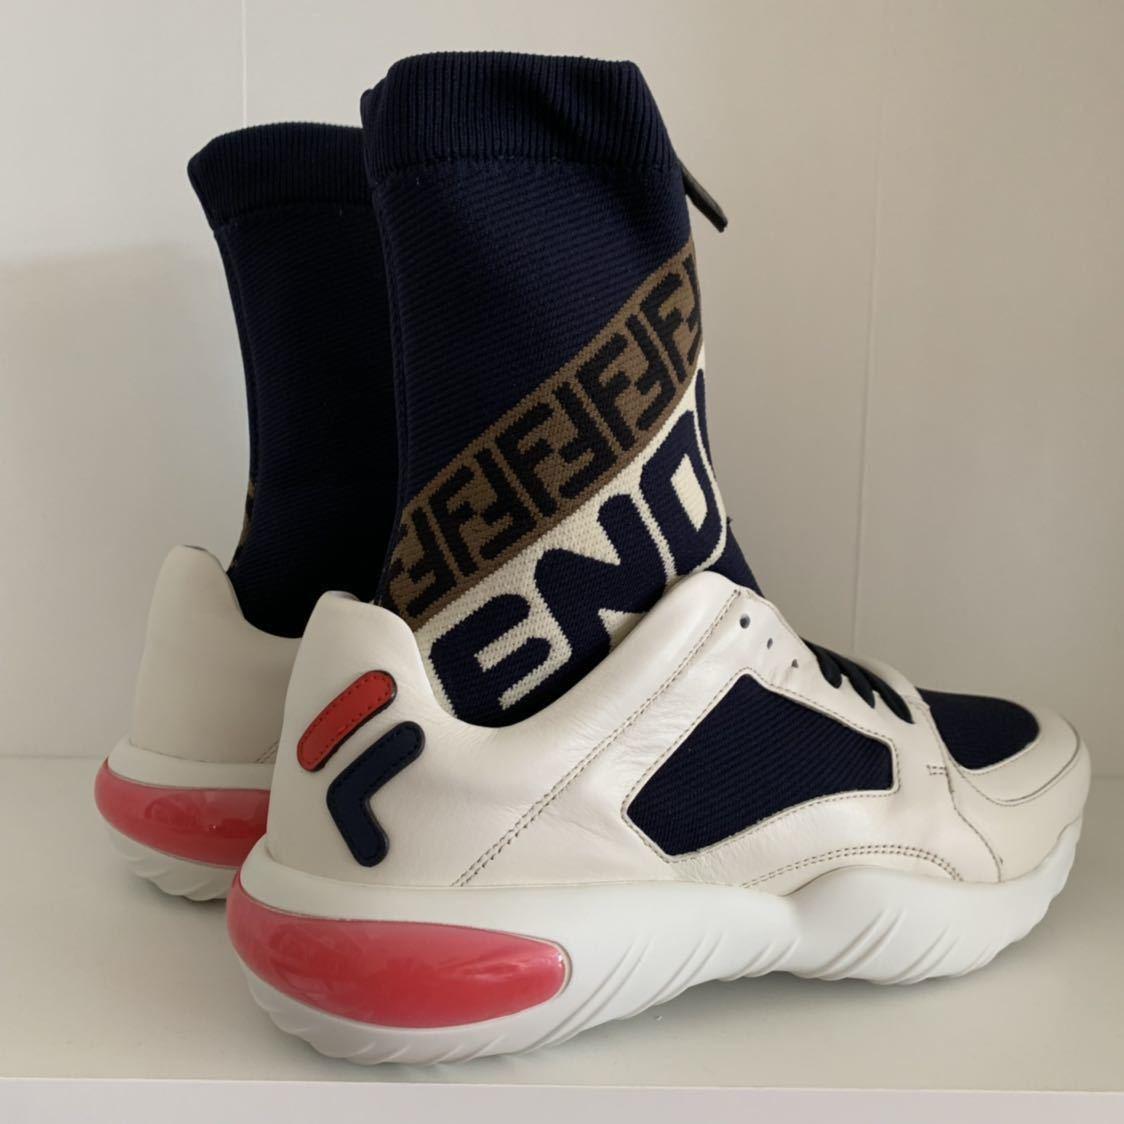 新品未使用 フェンディ×FILA FENDI MANIA メンズ スニーカー size7 直営店購入 イタリア製 正規品 ズッカ FFロゴ_画像3